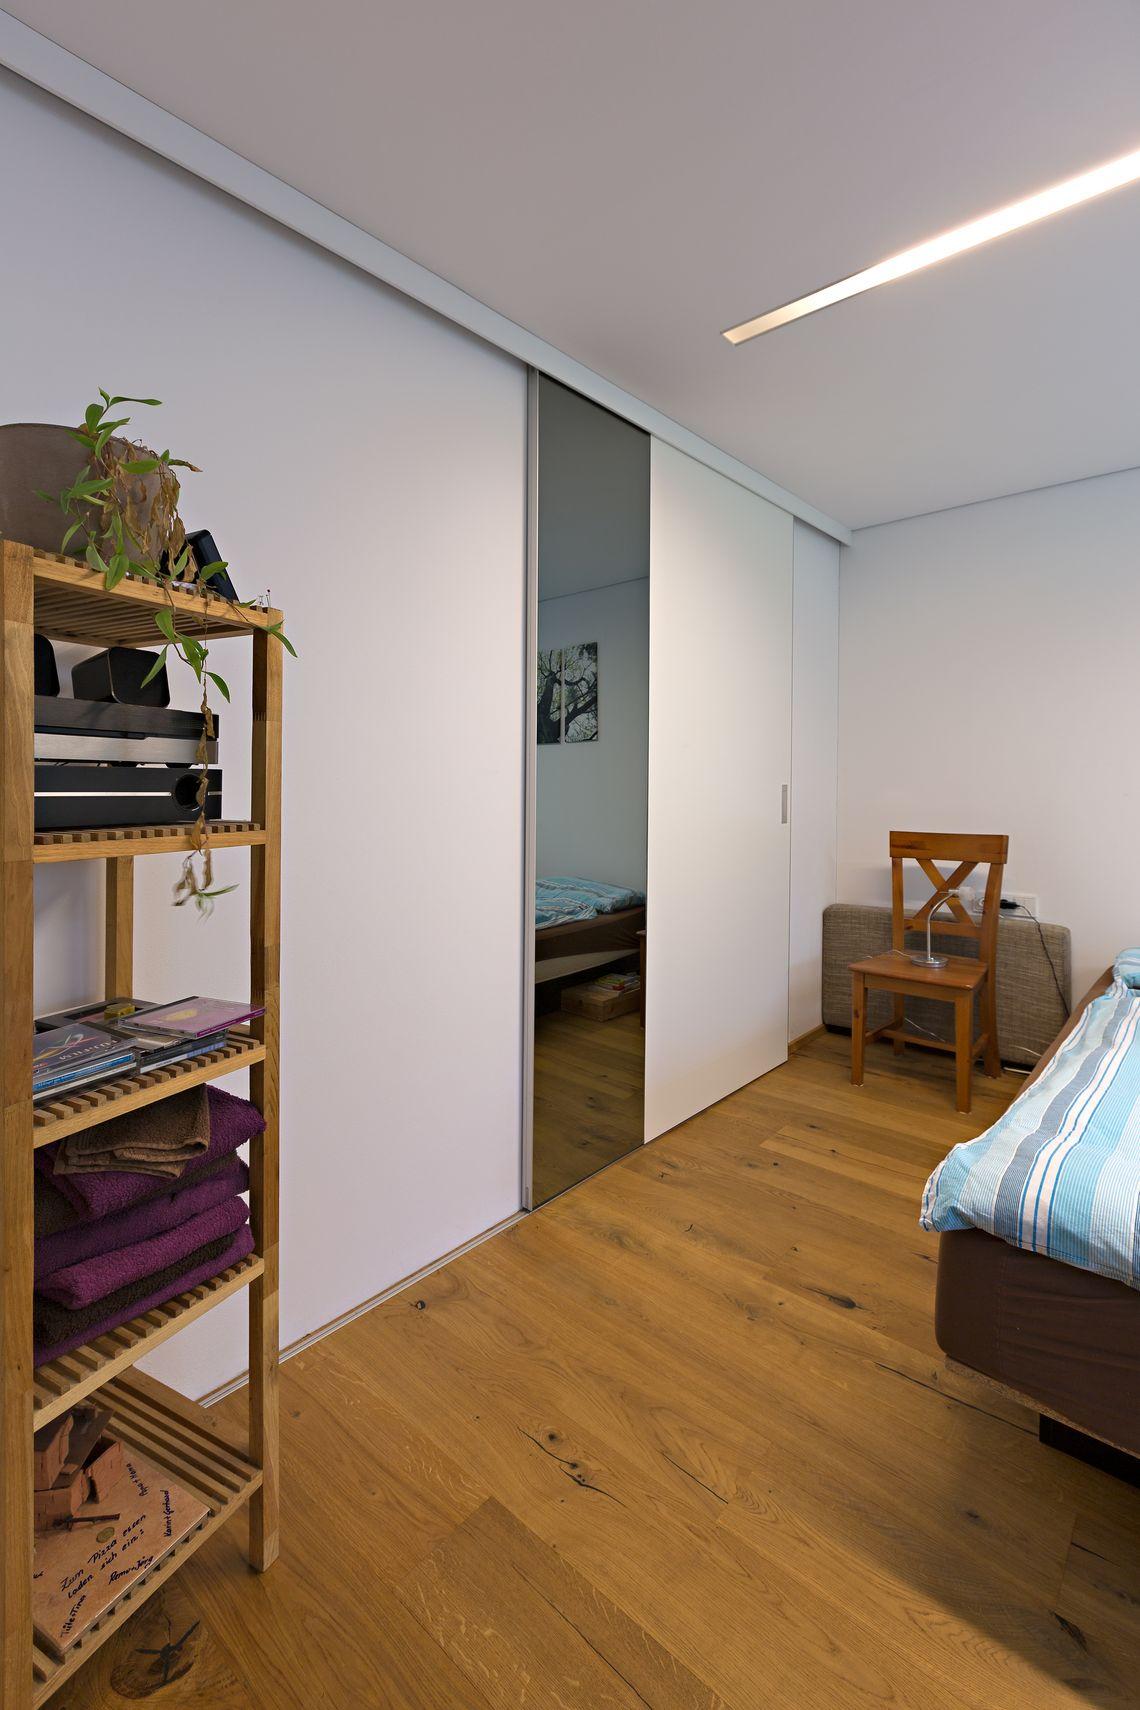 Ankleideraum neben dem Eltern-Schlafzimmer  AUF&ZU